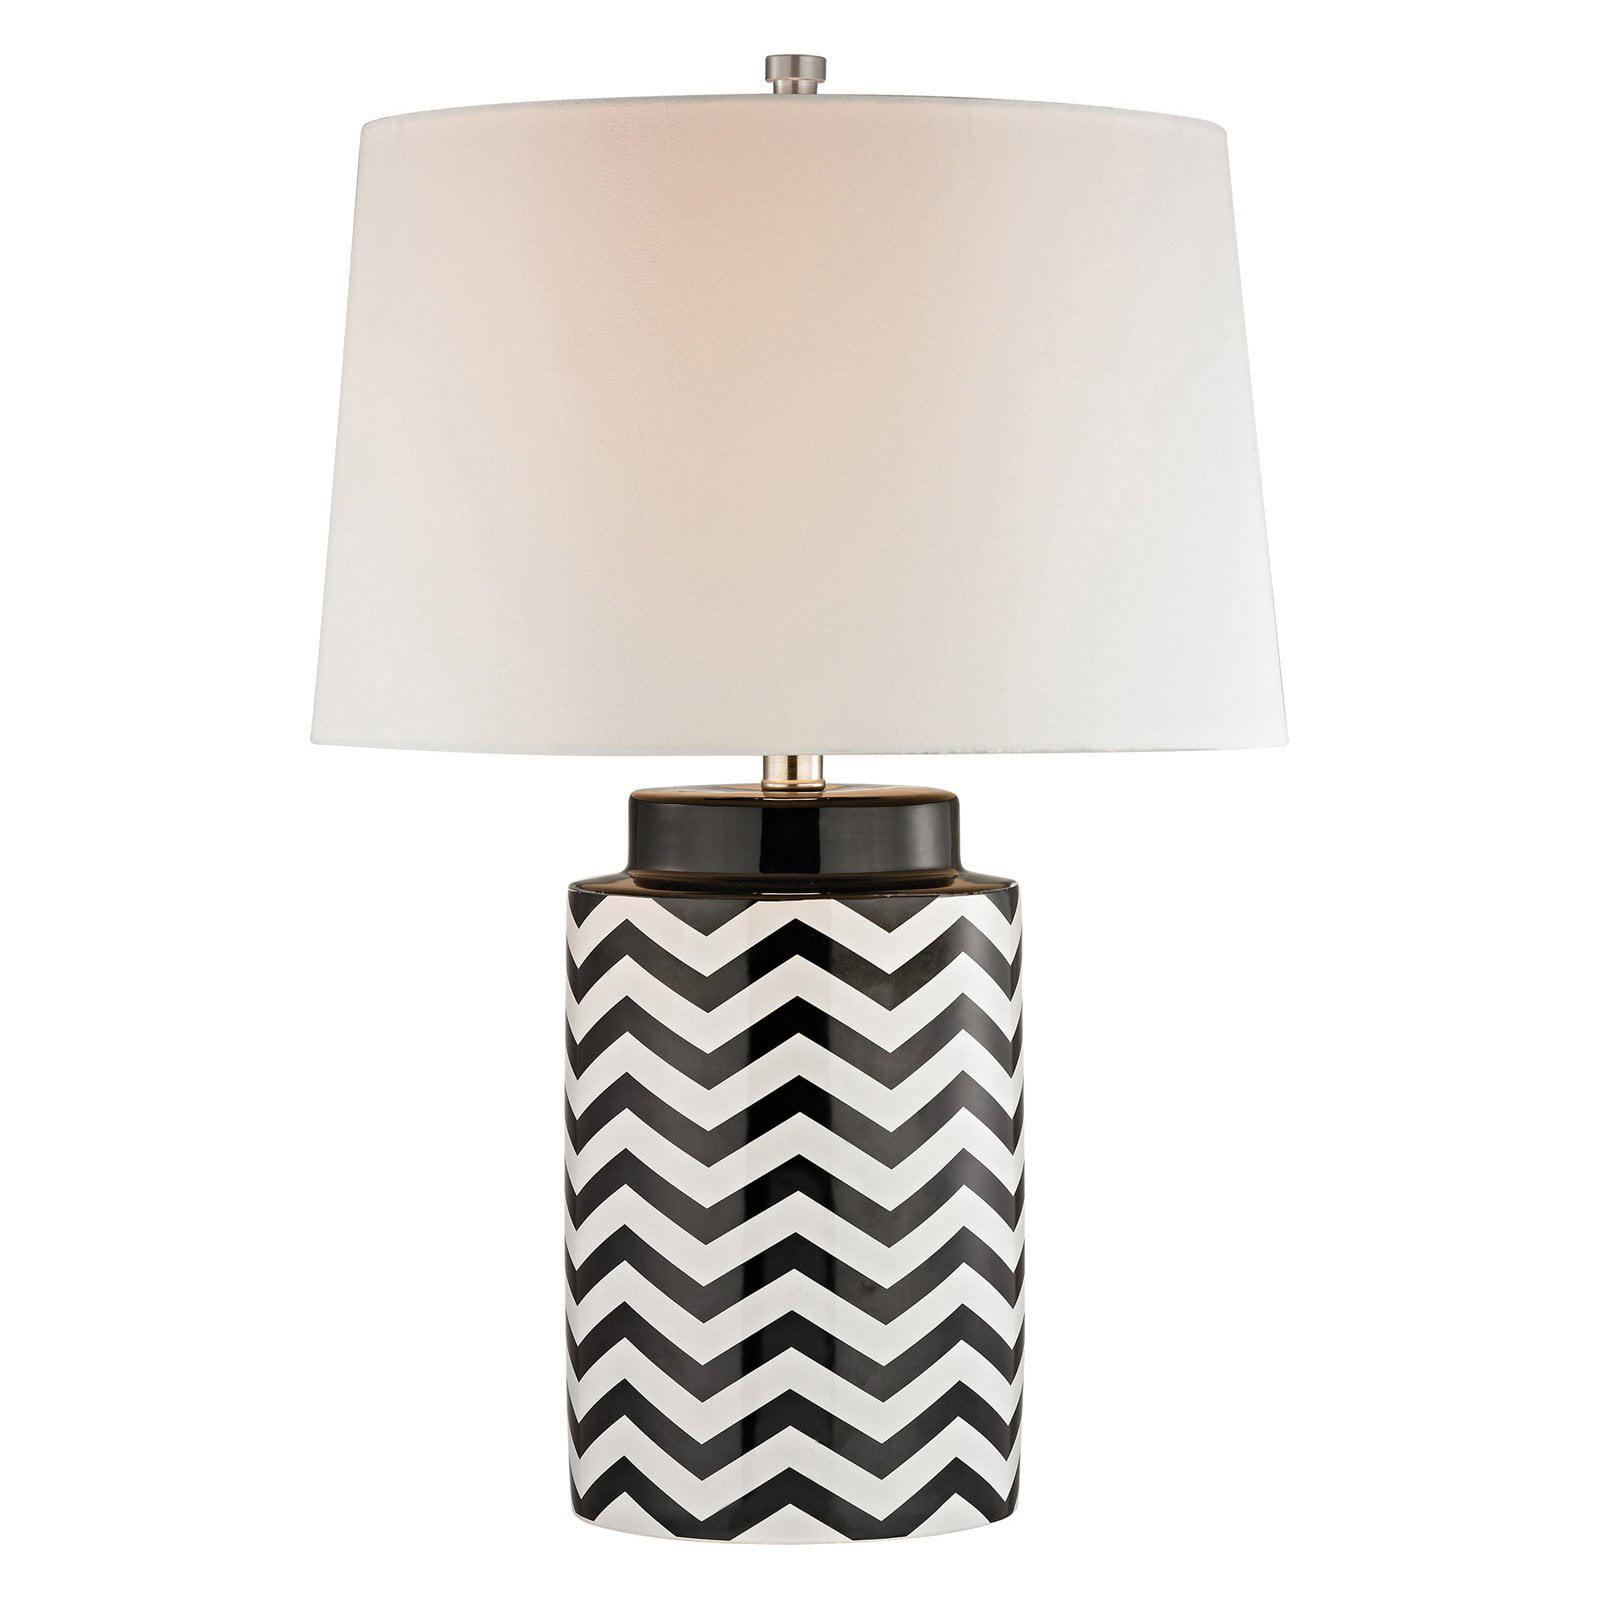 Elk Lighting Chevron Table Lamp Black And White